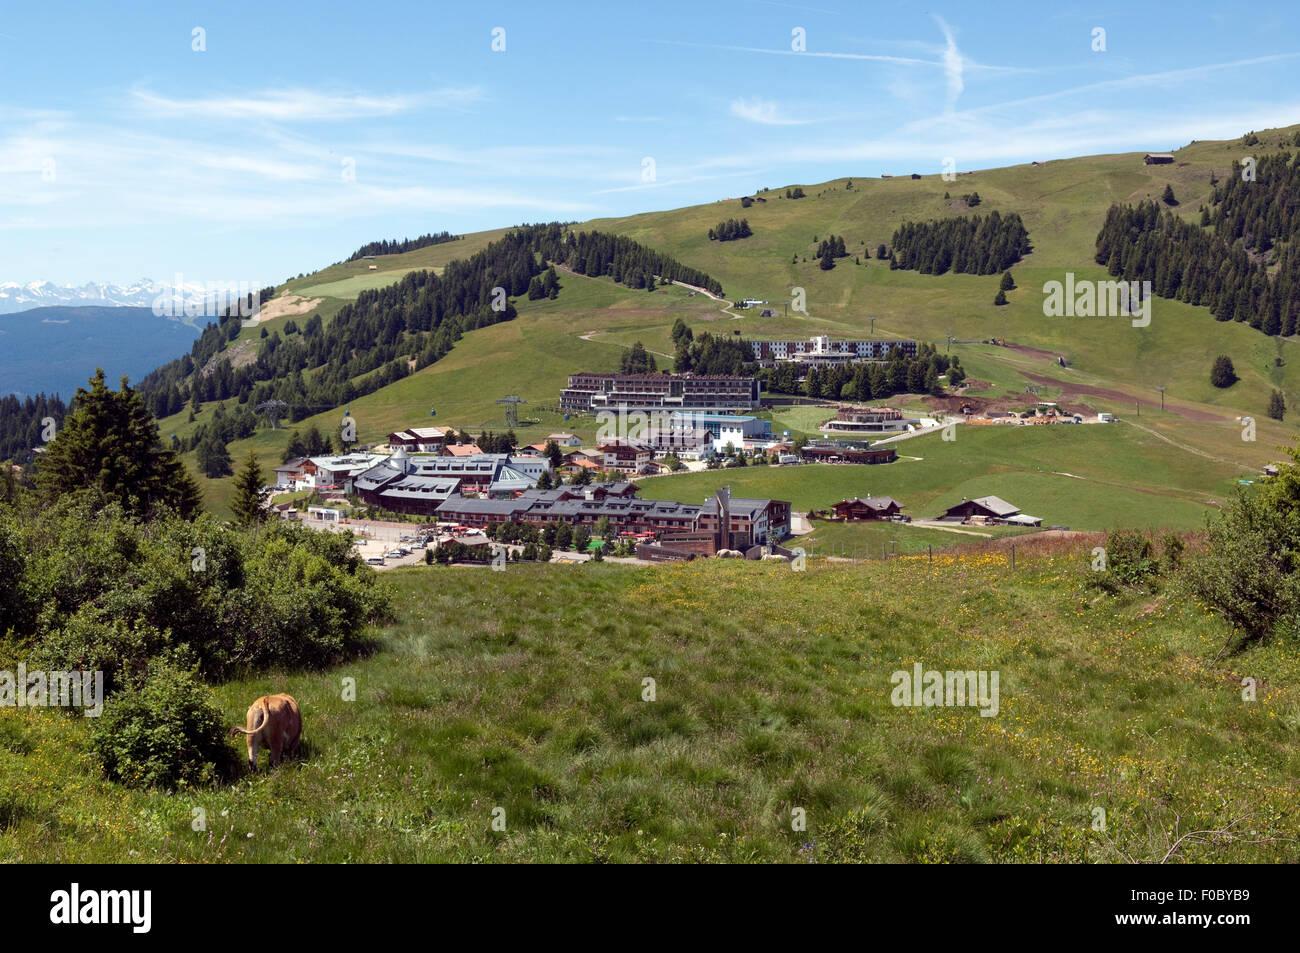 Kompatsch, Ort, Seiser, Alm, Dolomiten, Stockbild